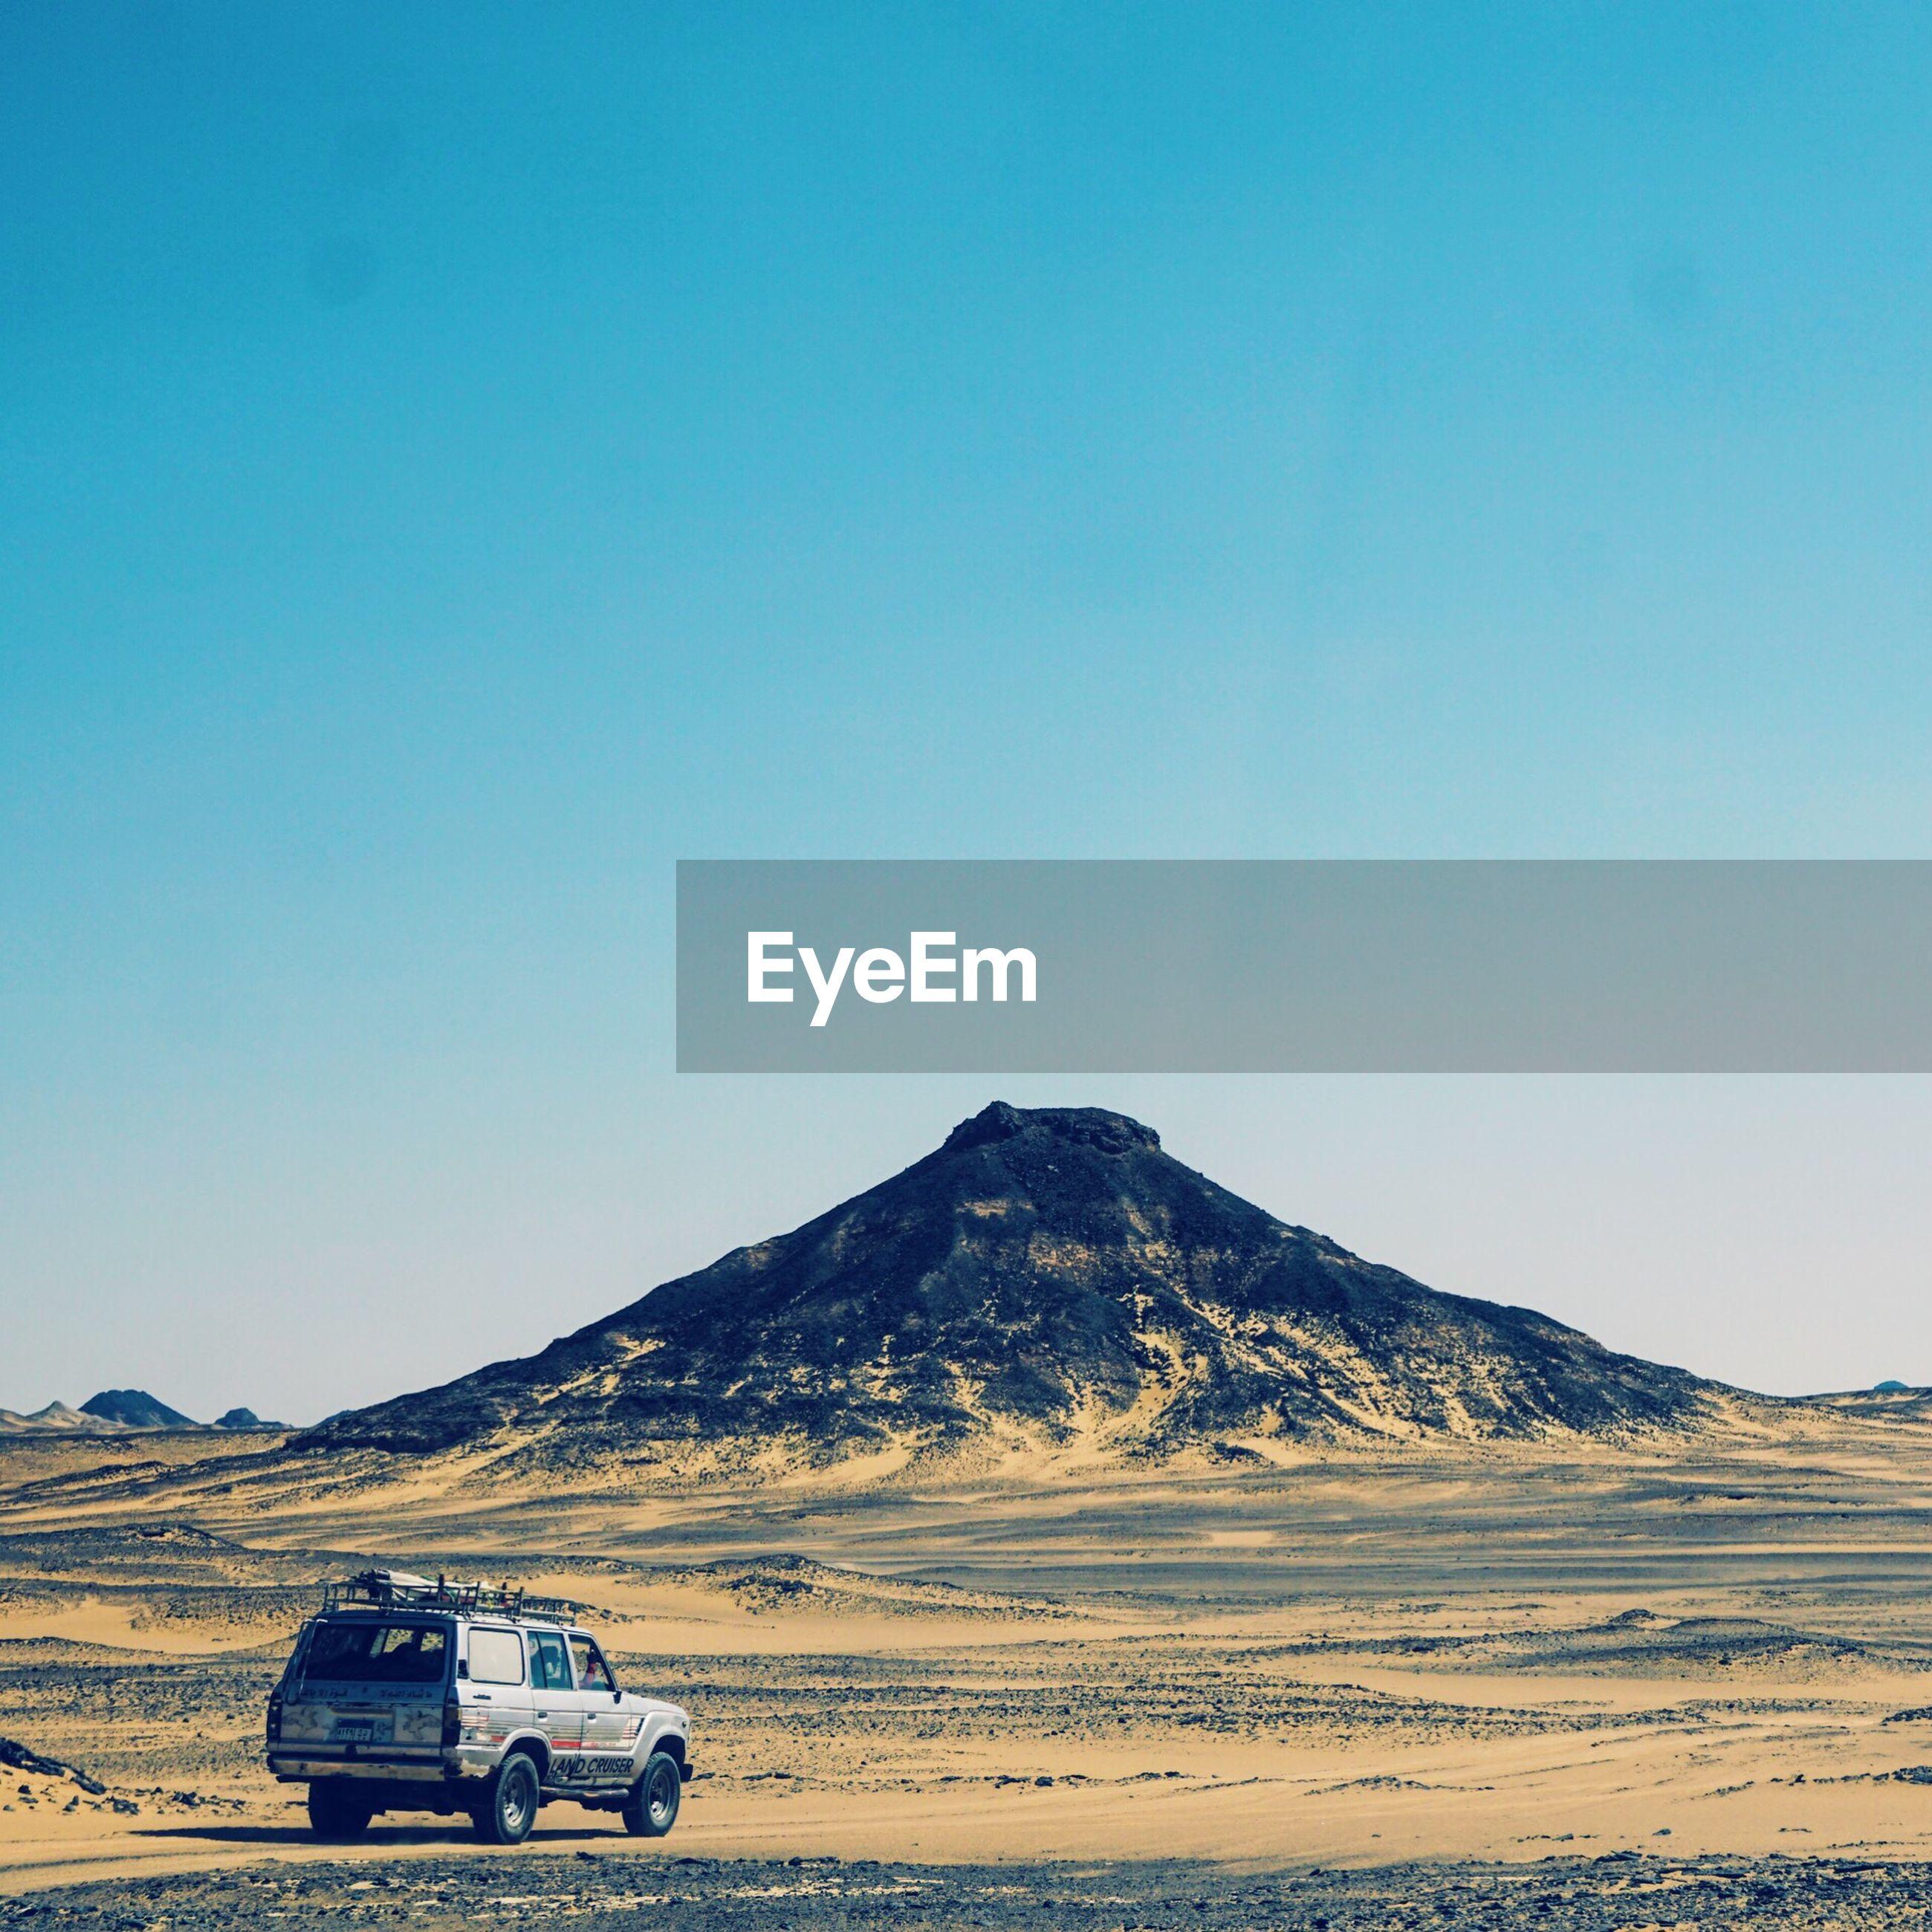 CAR ON DESERT AGAINST BLUE SKY